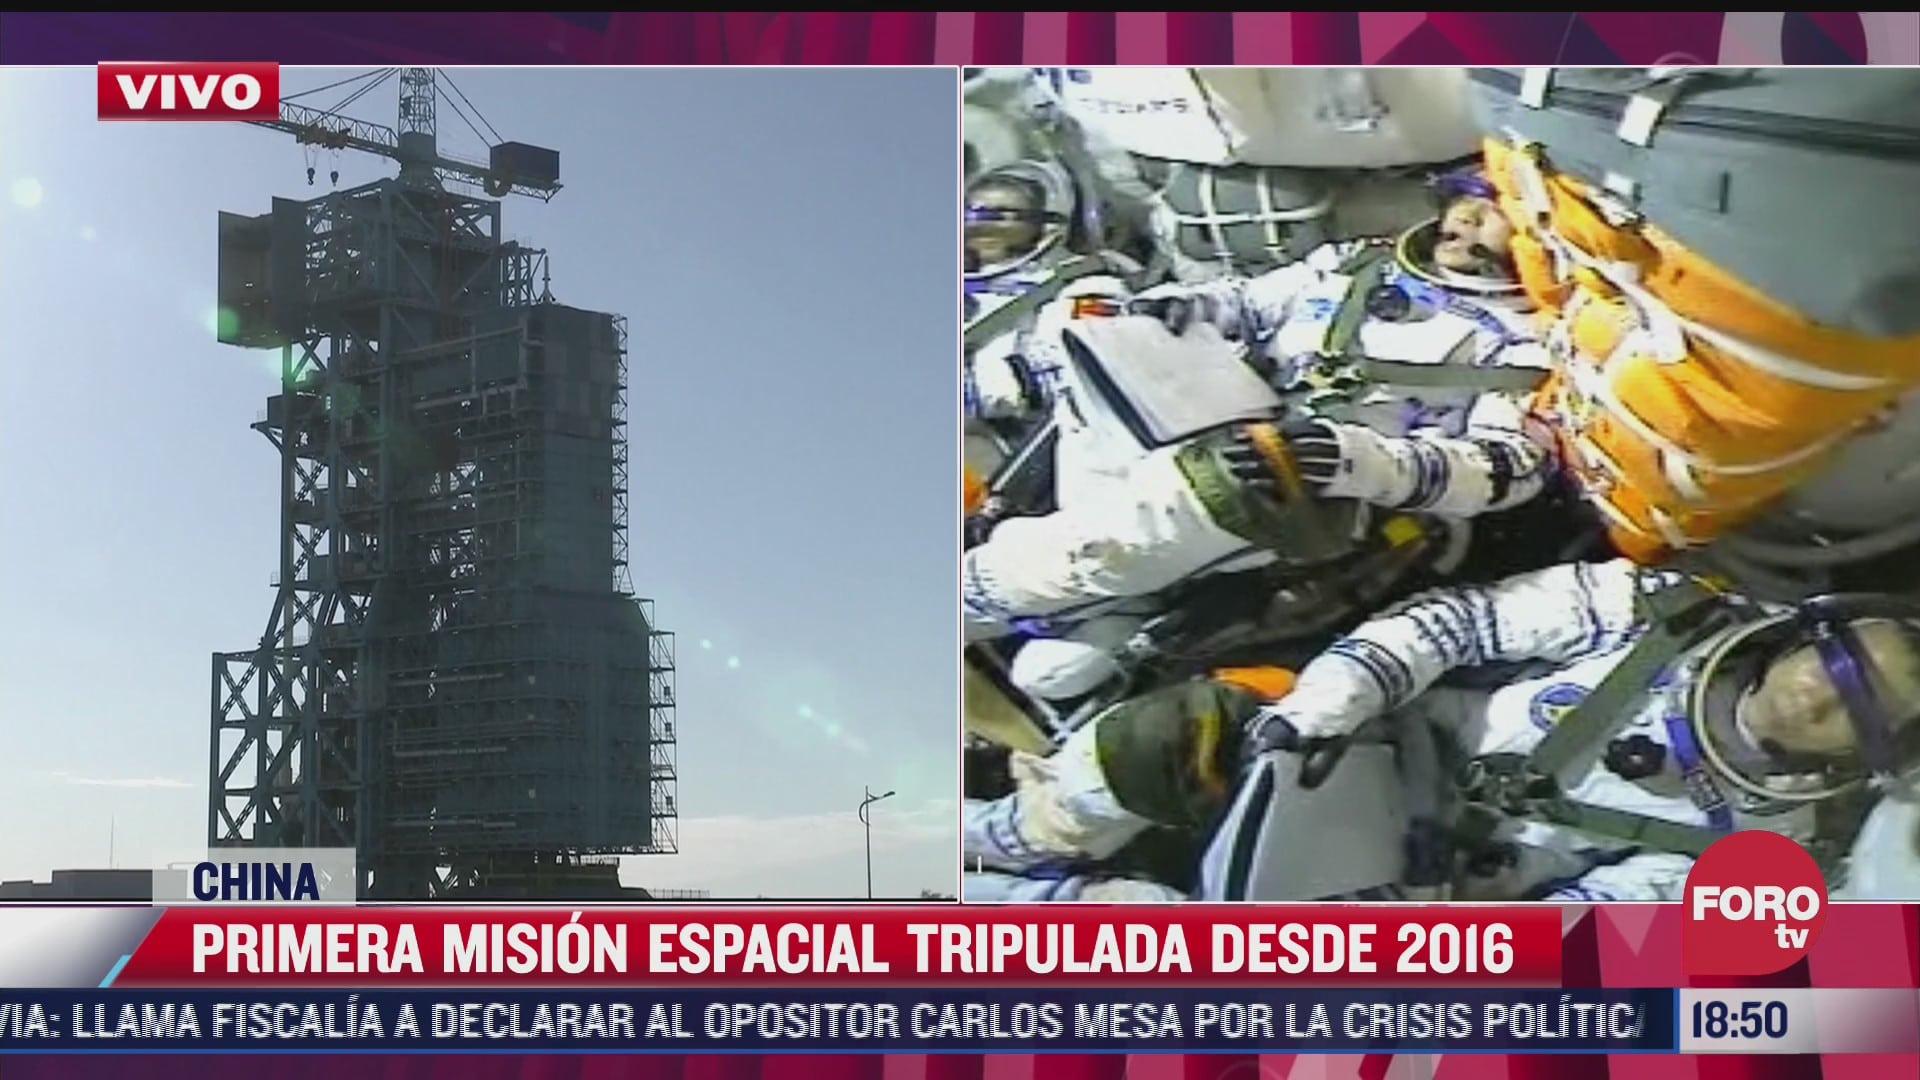 china alista primera mision tripulada al espacio desde